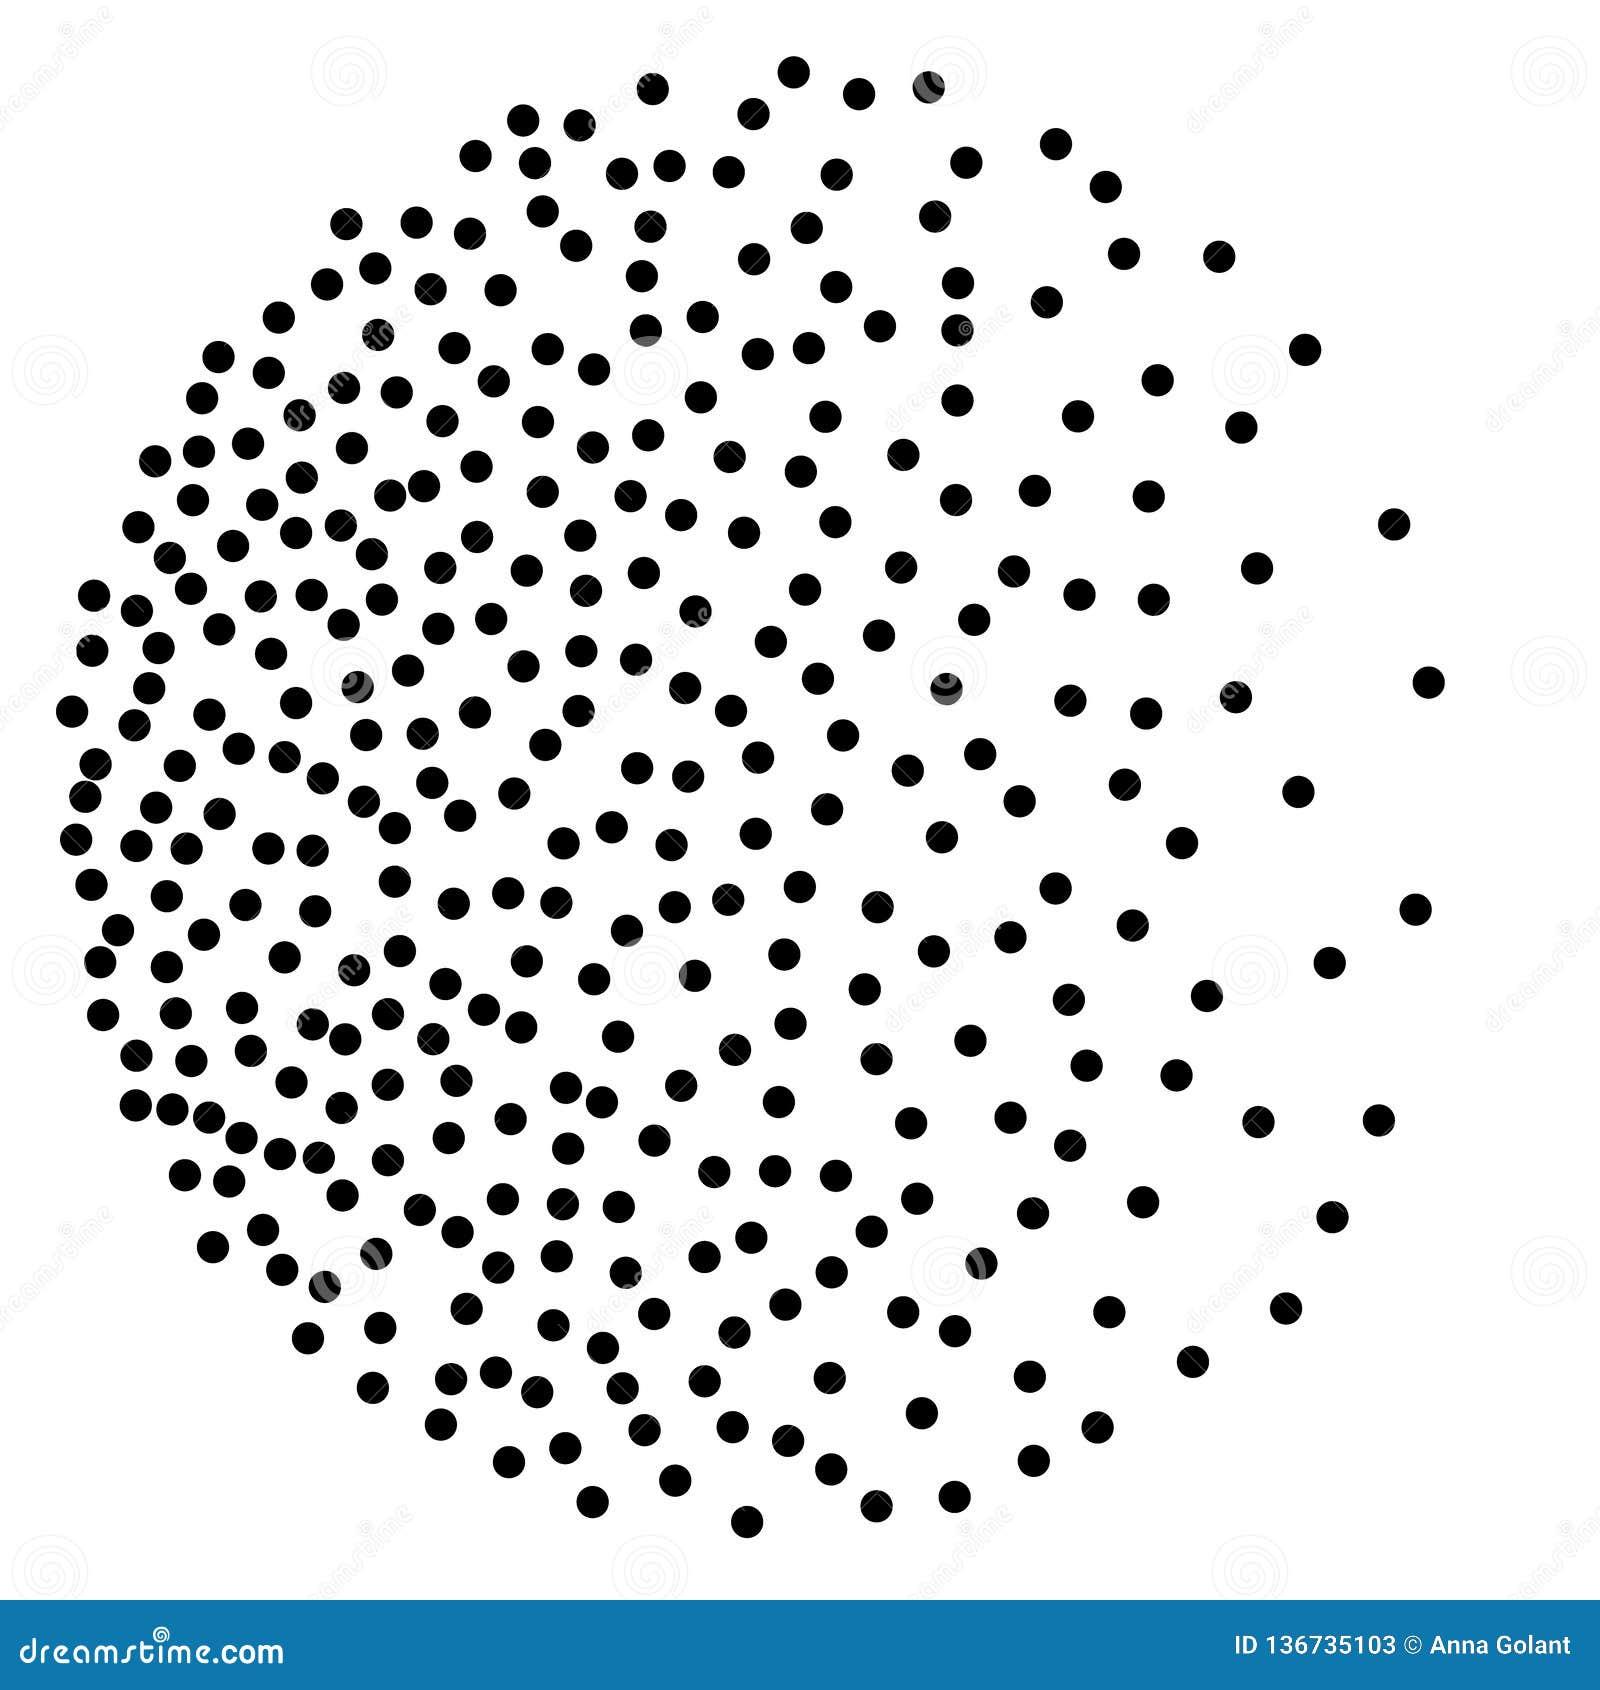 Fundo com os pontos escuros aleatórios Teste padrão elegante com às bolinhas pretos